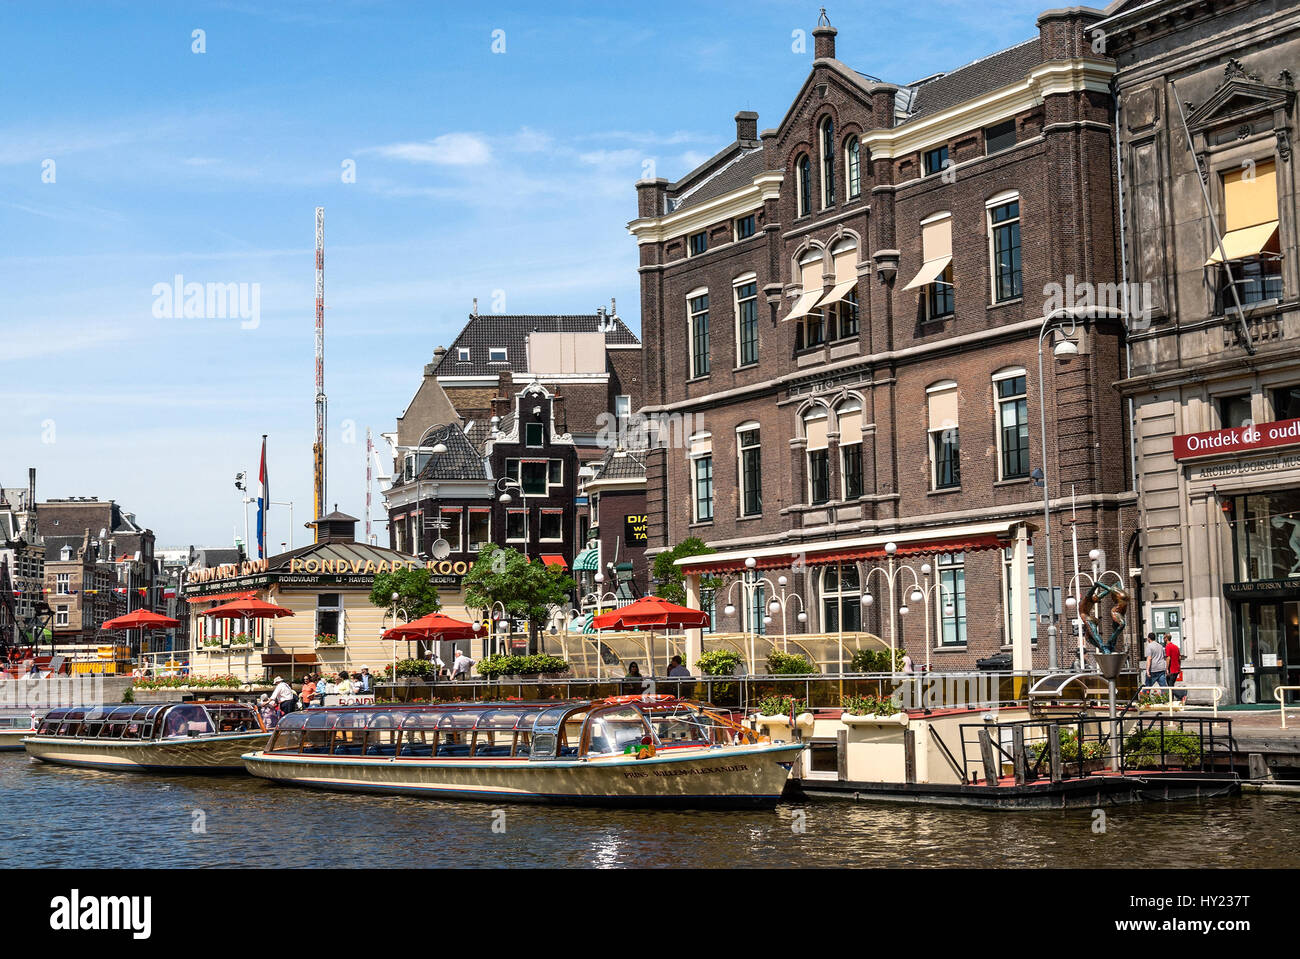 Des bateaux touristiques typiques dans un canal d'eau dans le centre-ville d'Amsterdam, Pays-Bas. Banque D'Images